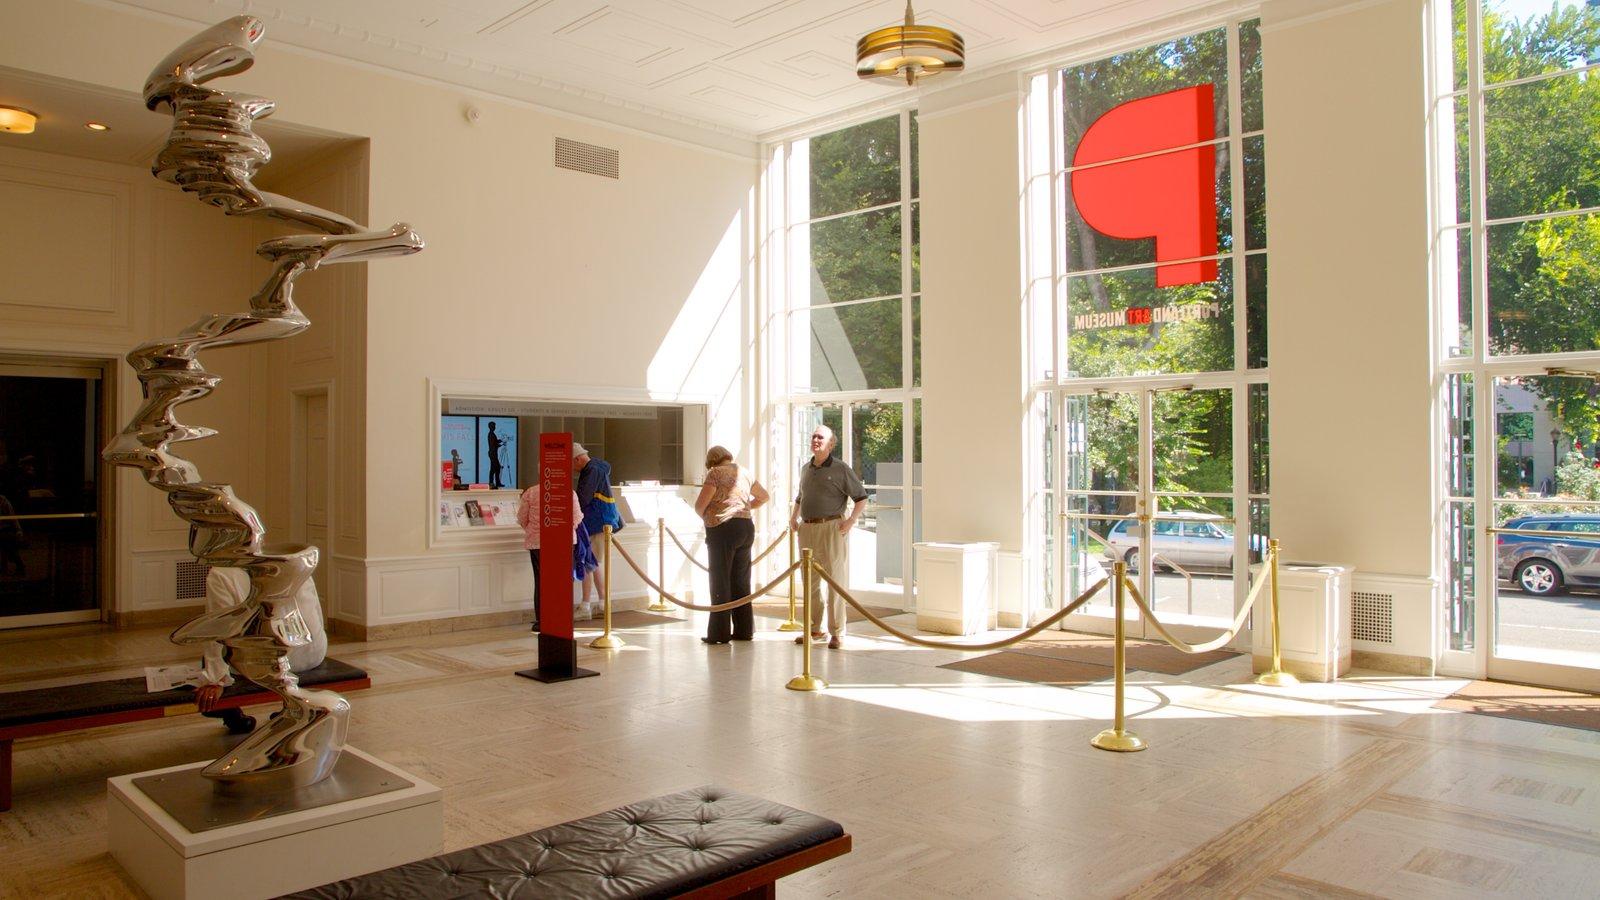 Portland Art Museum ofreciendo arte y vistas interiores